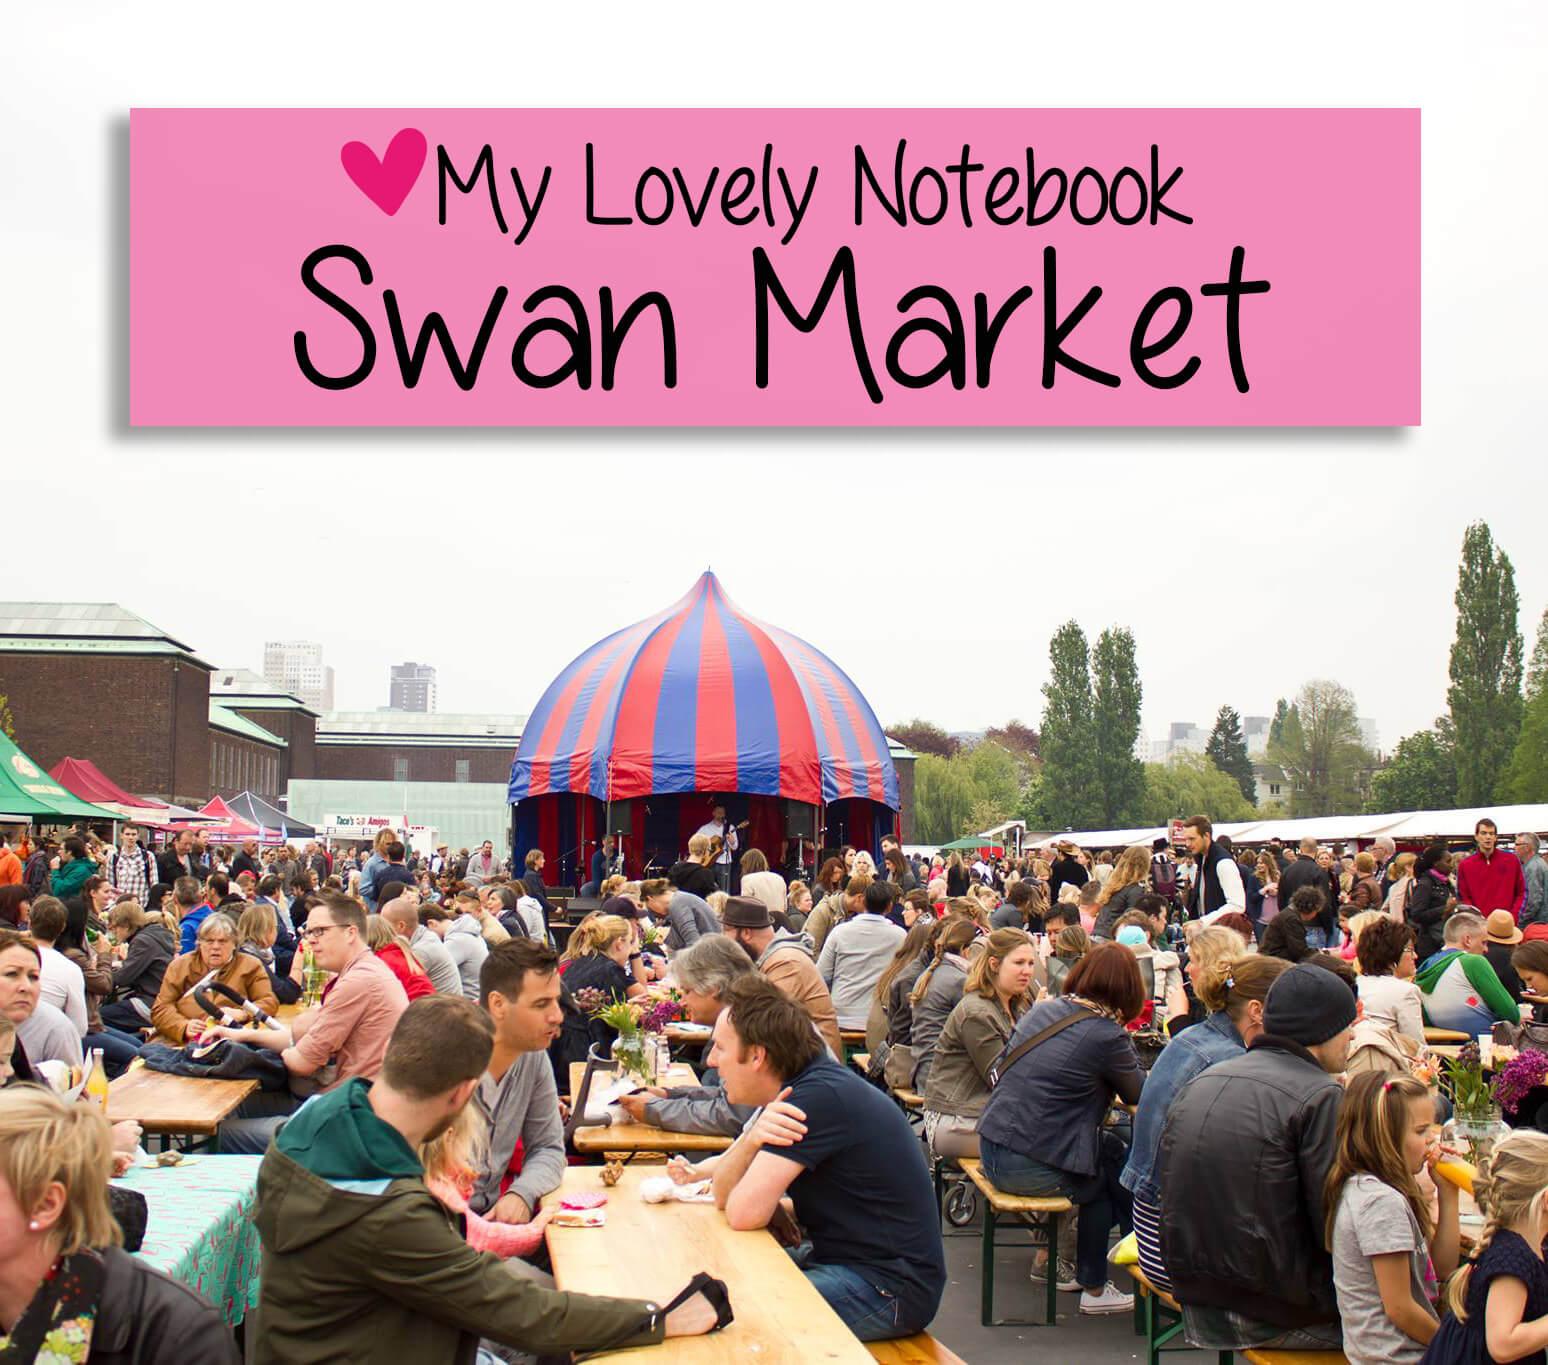 Swan market 27 juli - Rotterdam